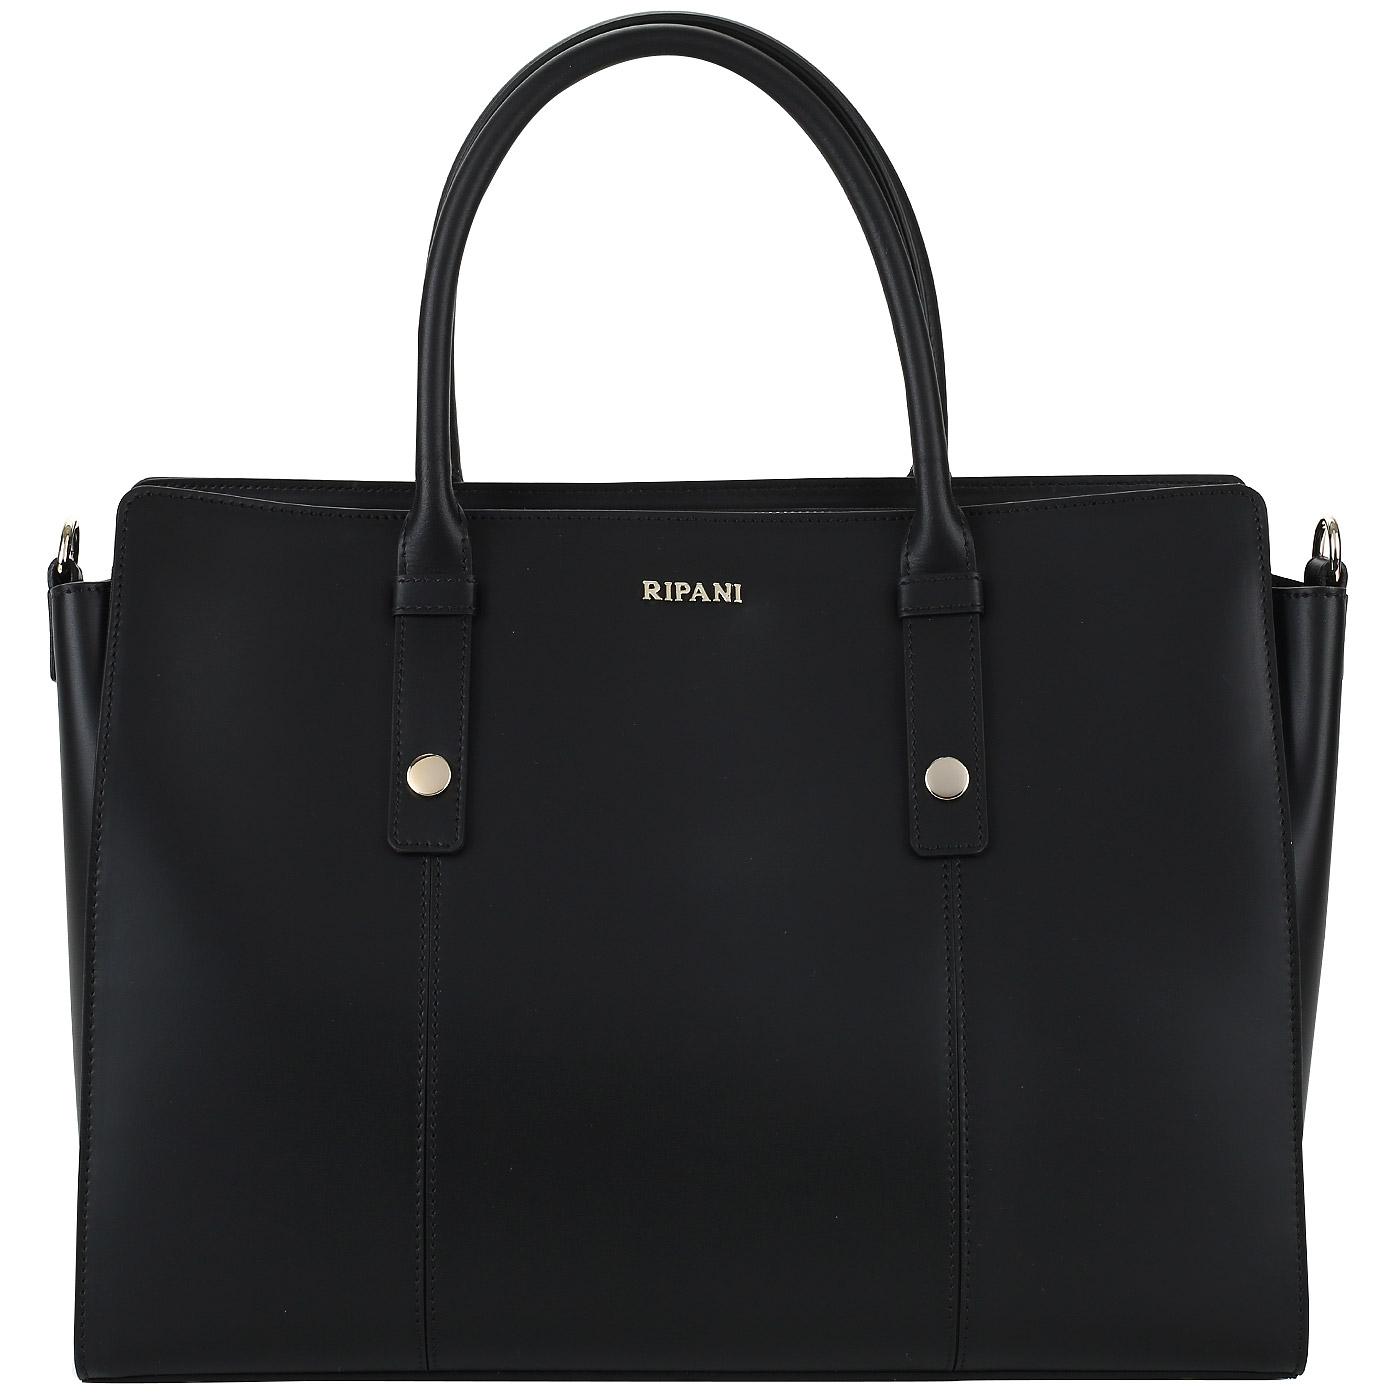 b277e6912407 Деловая сумка из черной кожи Ripani Business 9691HH_00003 ...